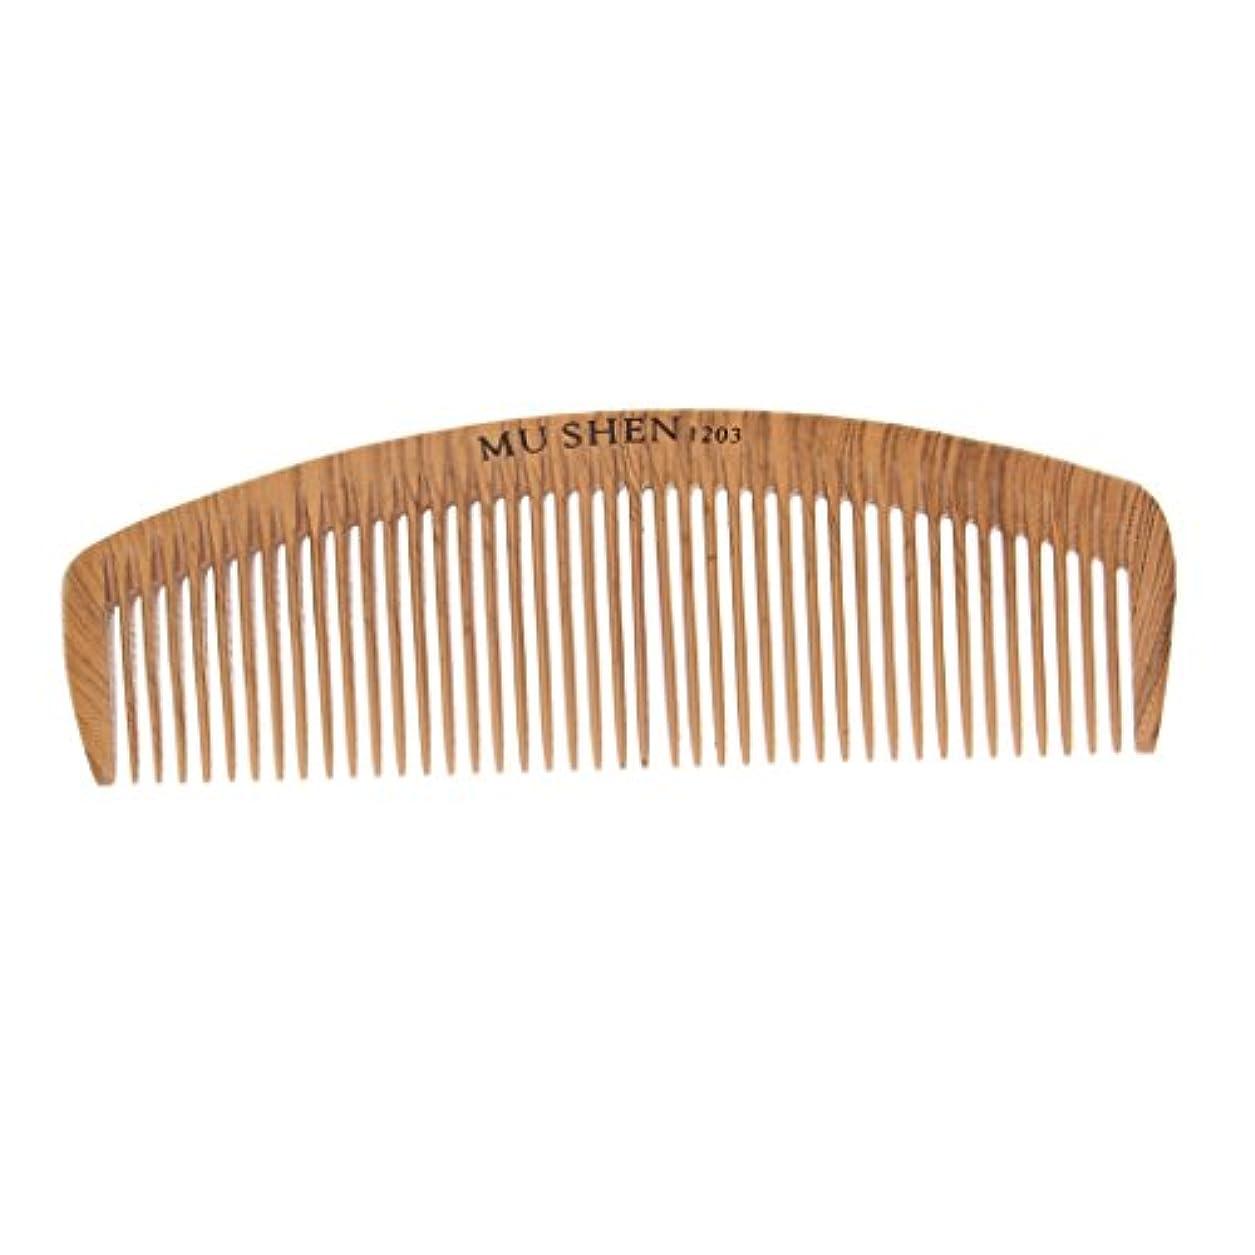 産地柔和雑草帯電防止ウッドサロン床屋ヘアスタイリング理髪切削くしヘアブラシ - 1203